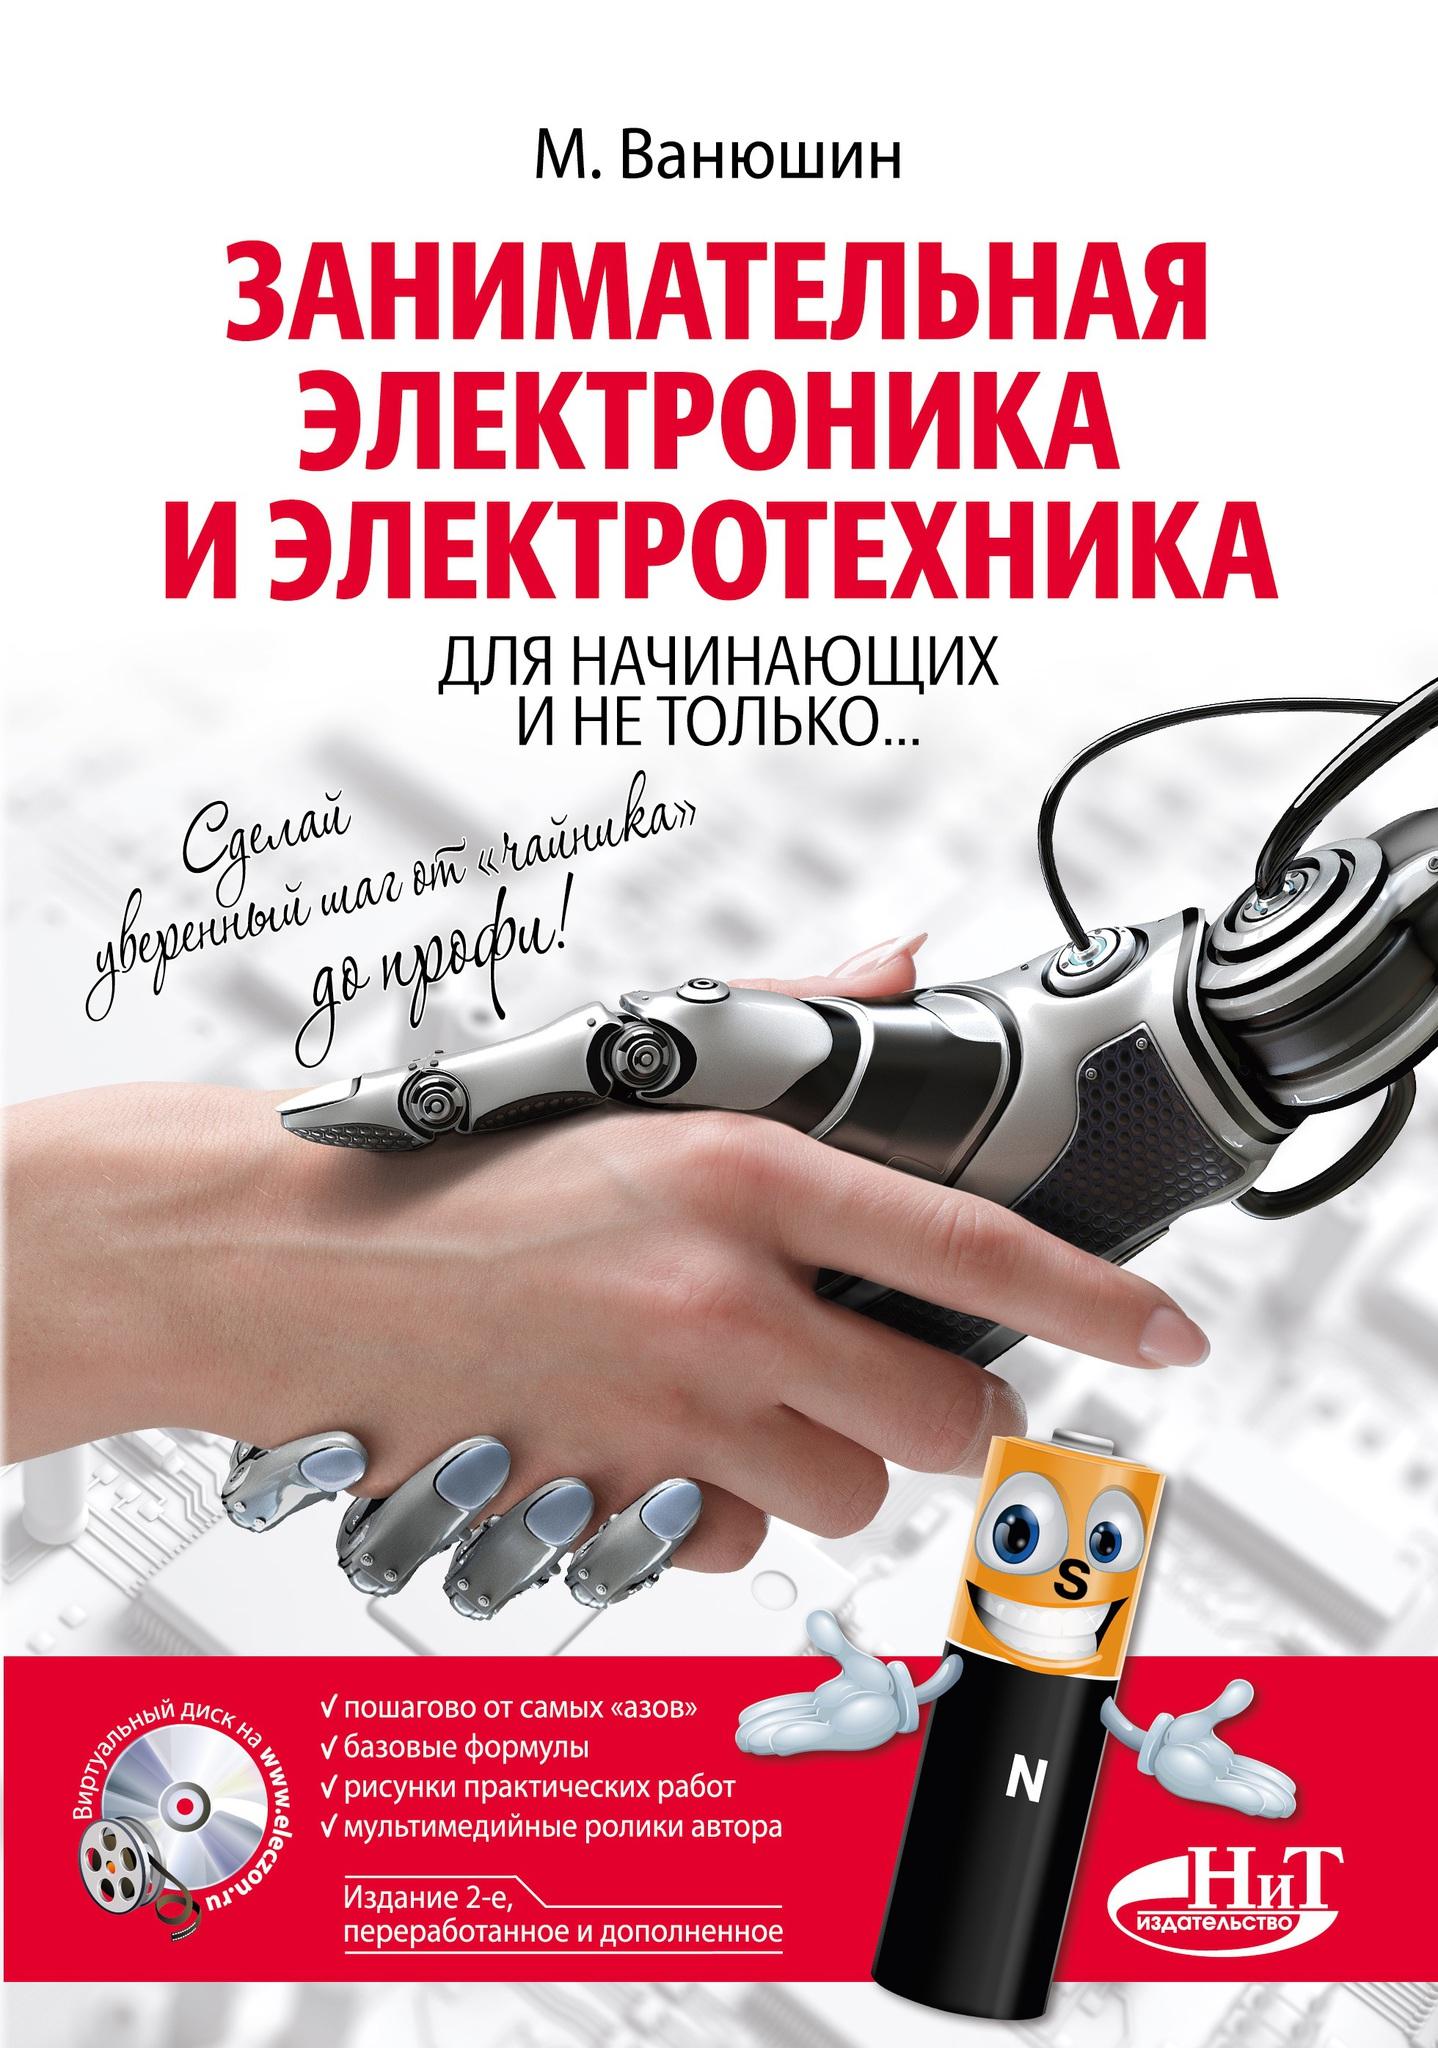 Учебное пособие по электротехнике